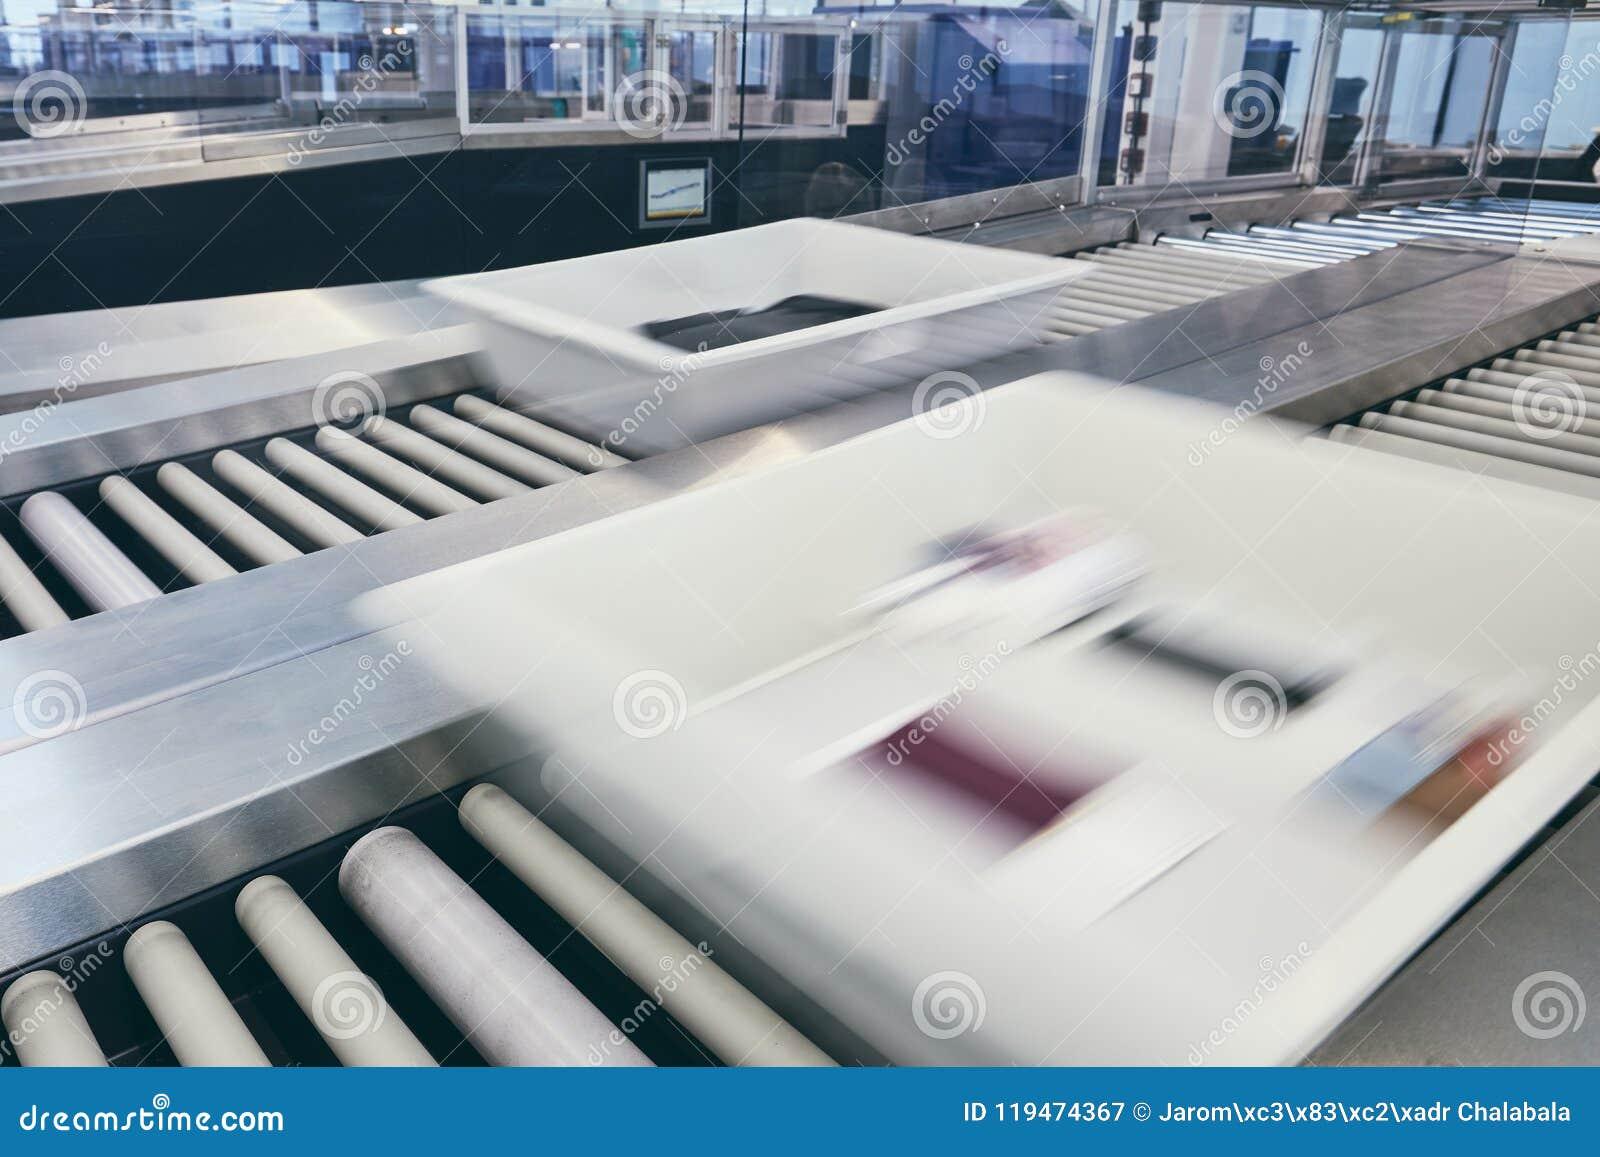 Controllo di sicurezza aeroportuale